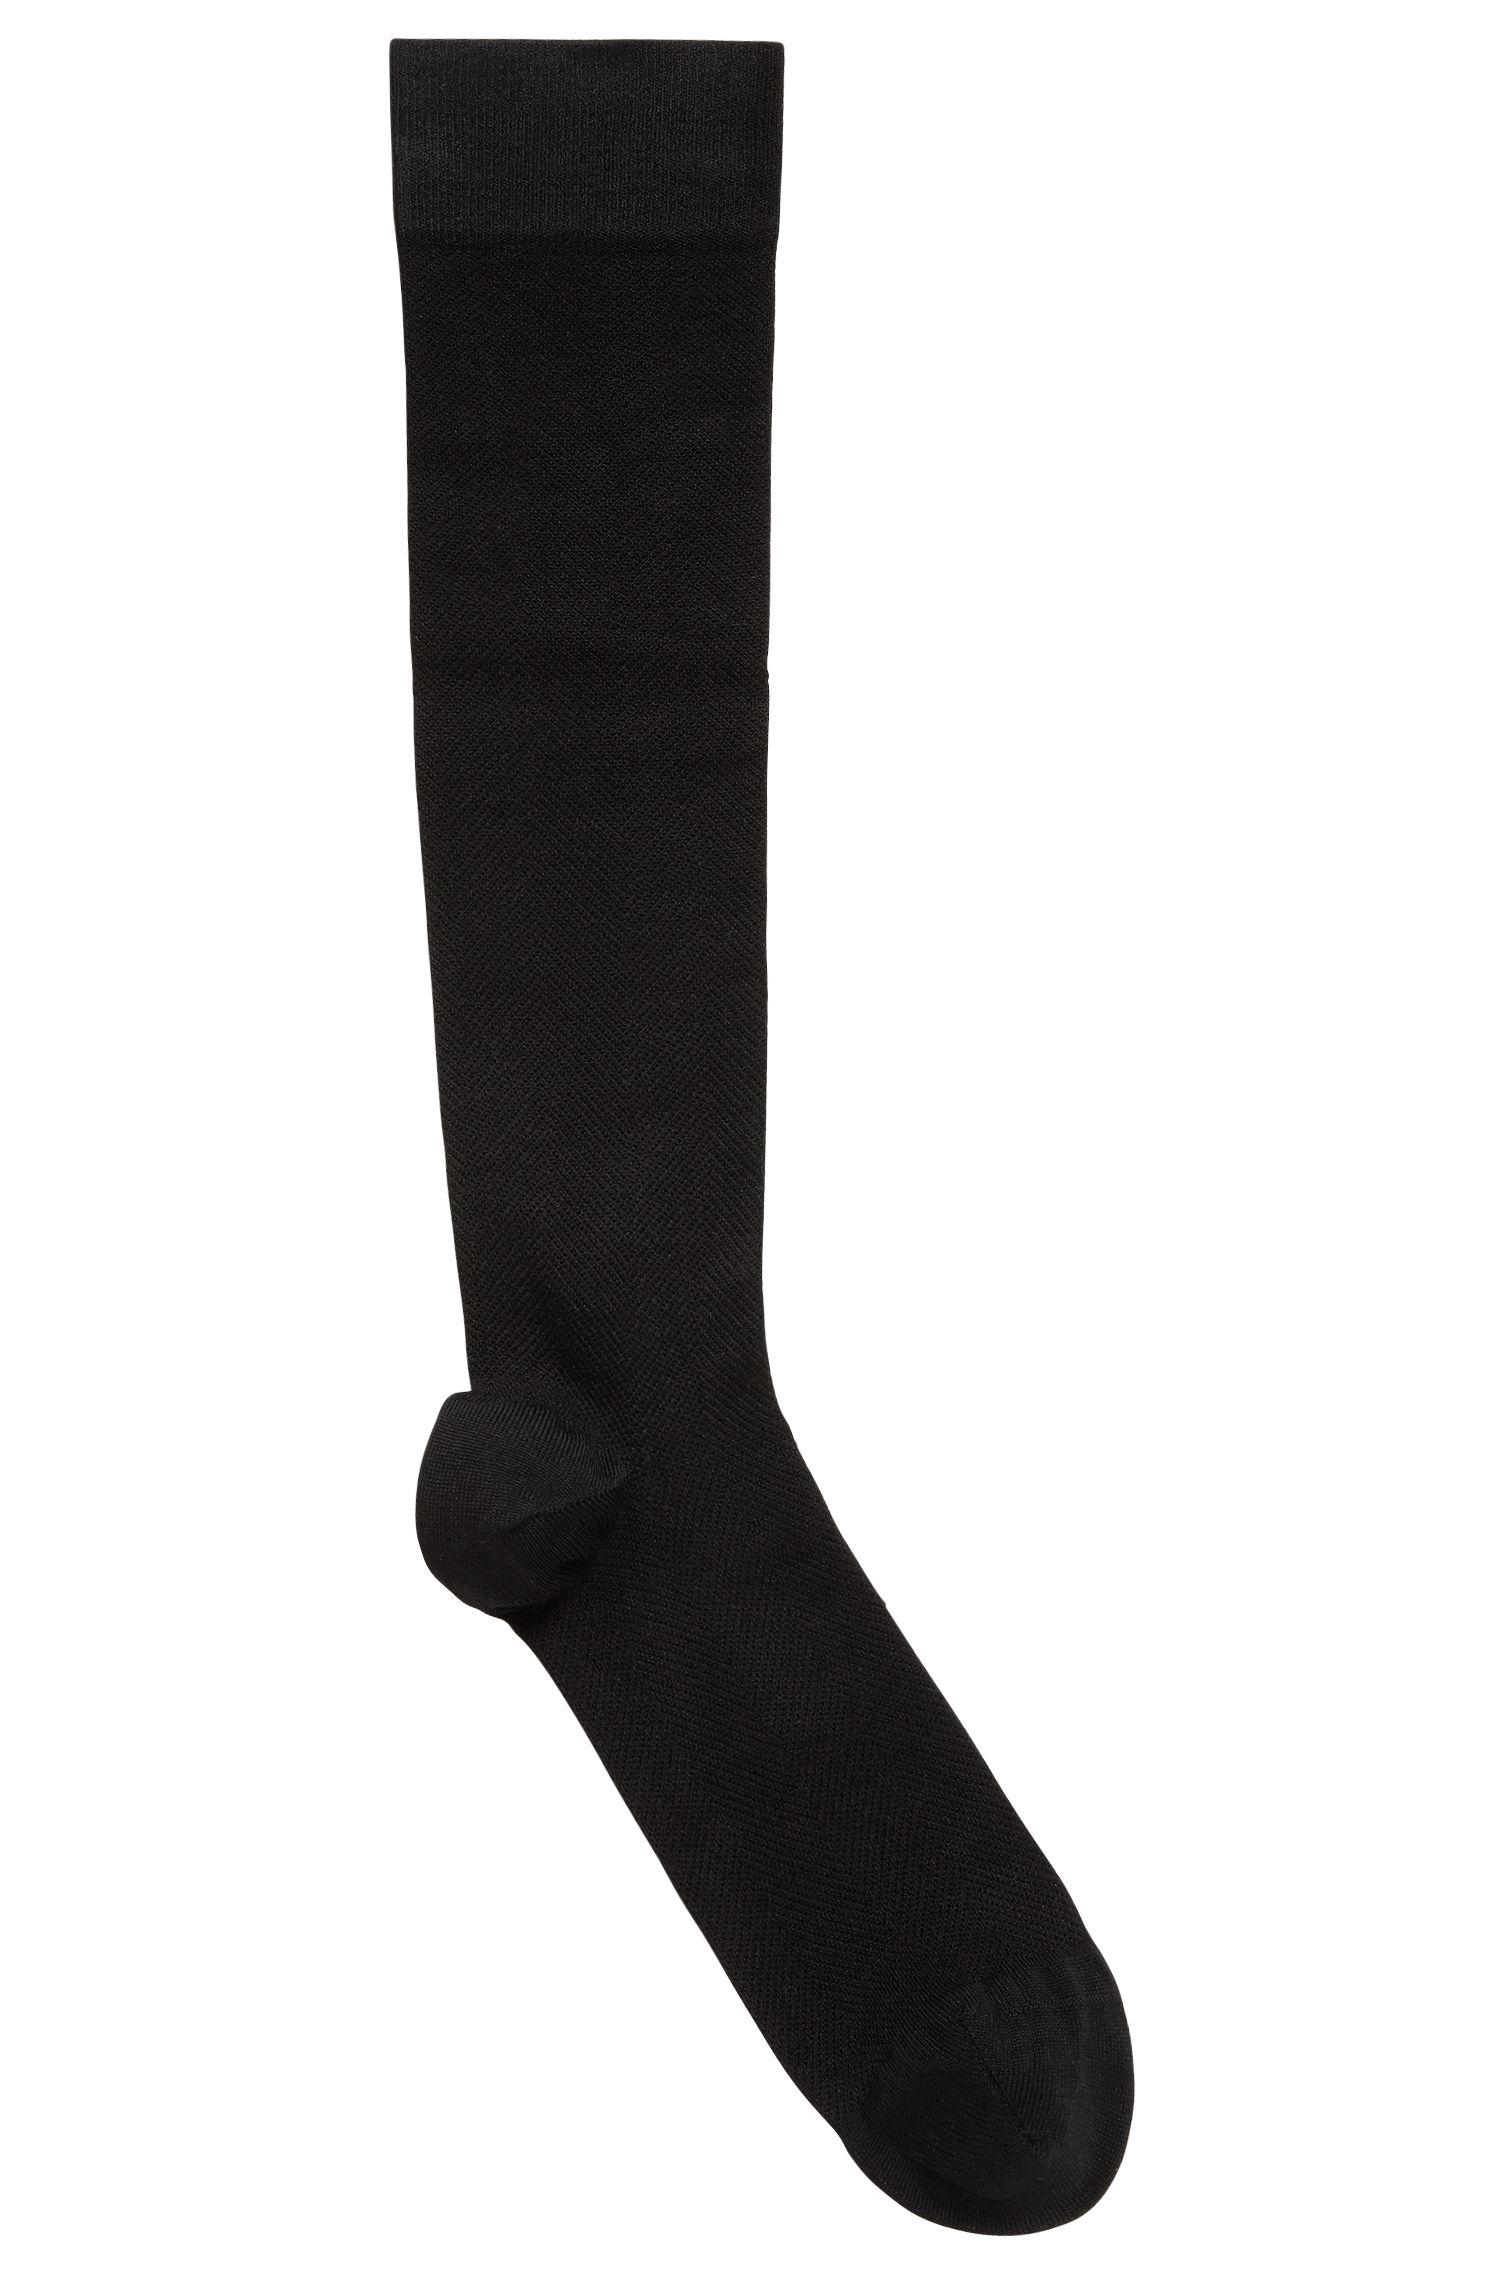 Calze al ginocchio a compressione tecnica